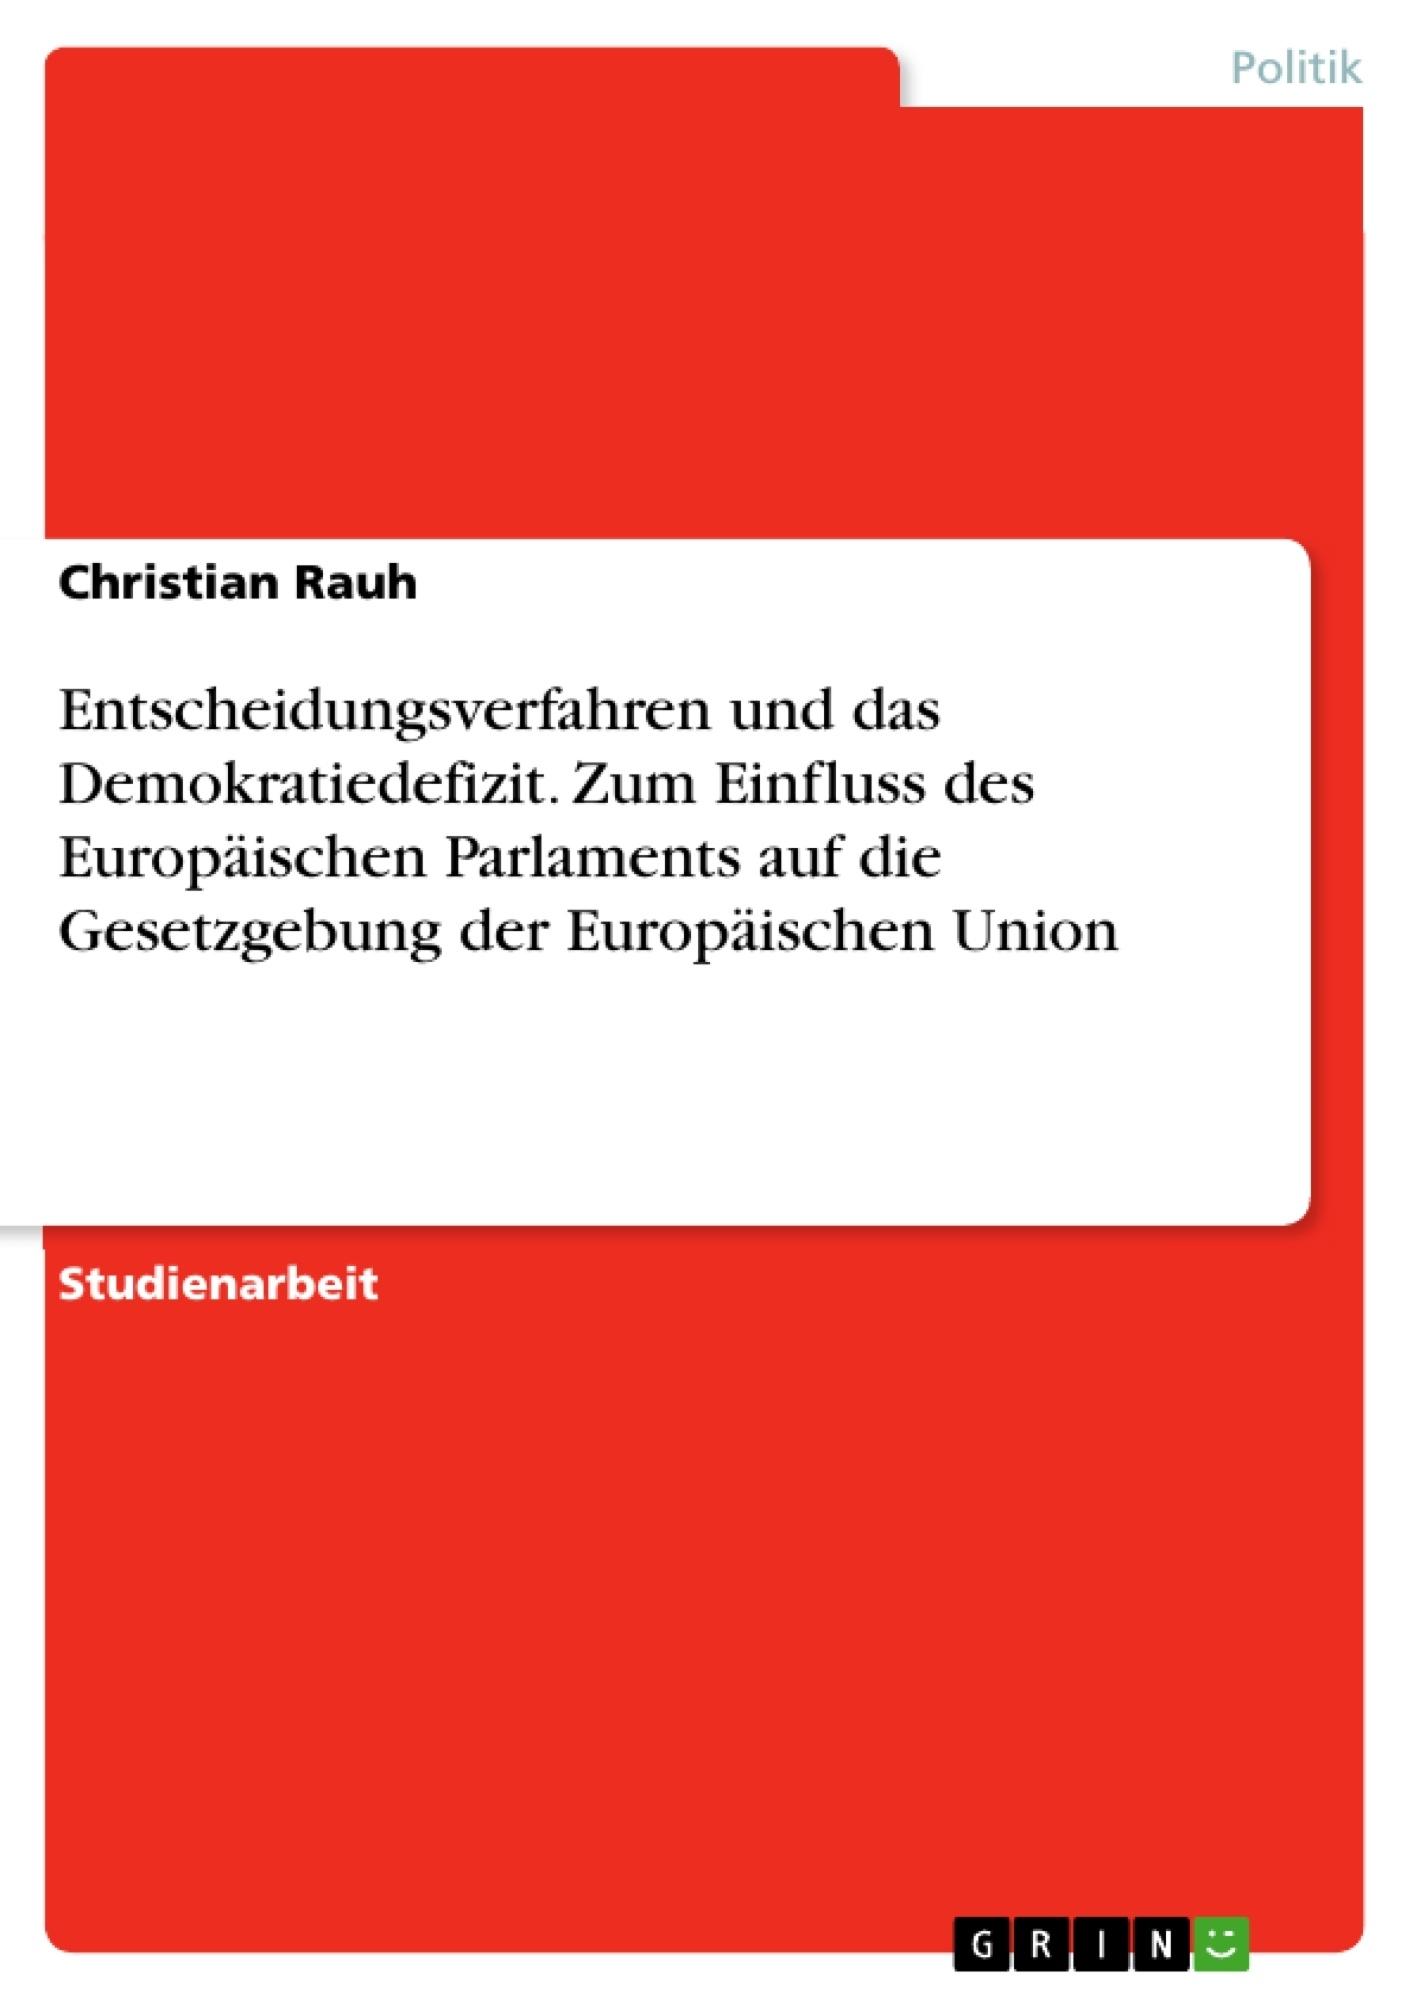 Titel: Entscheidungsverfahren und das Demokratiedefizit. Zum Einfluss des Europäischen Parlaments auf die Gesetzgebung der Europäischen Union